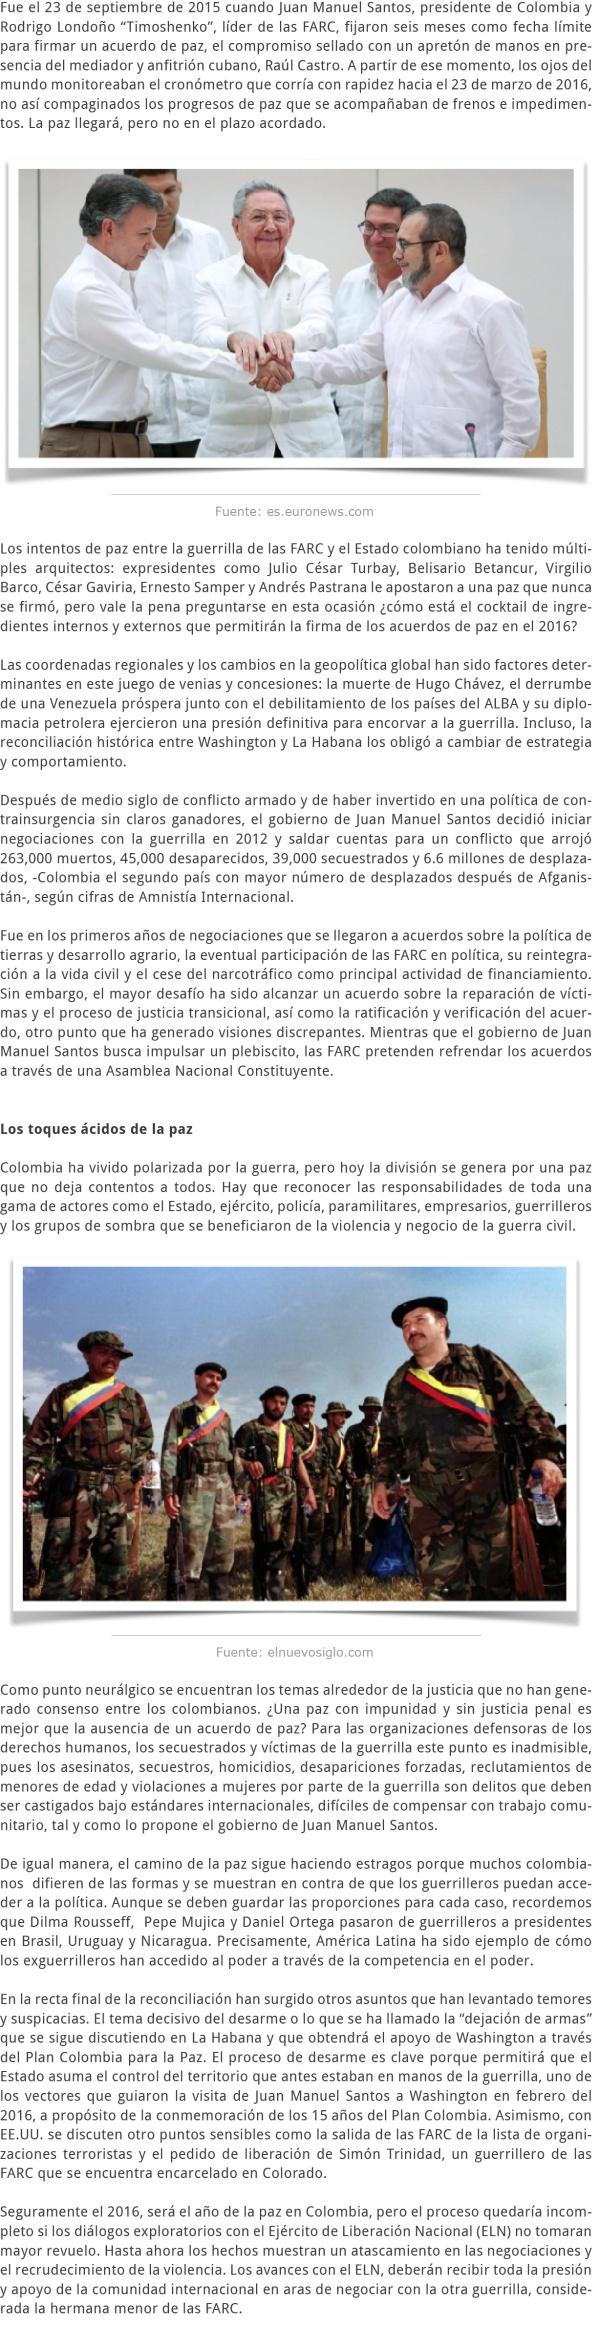 COLOMBIA LOS NUDOS DE LA PAZ